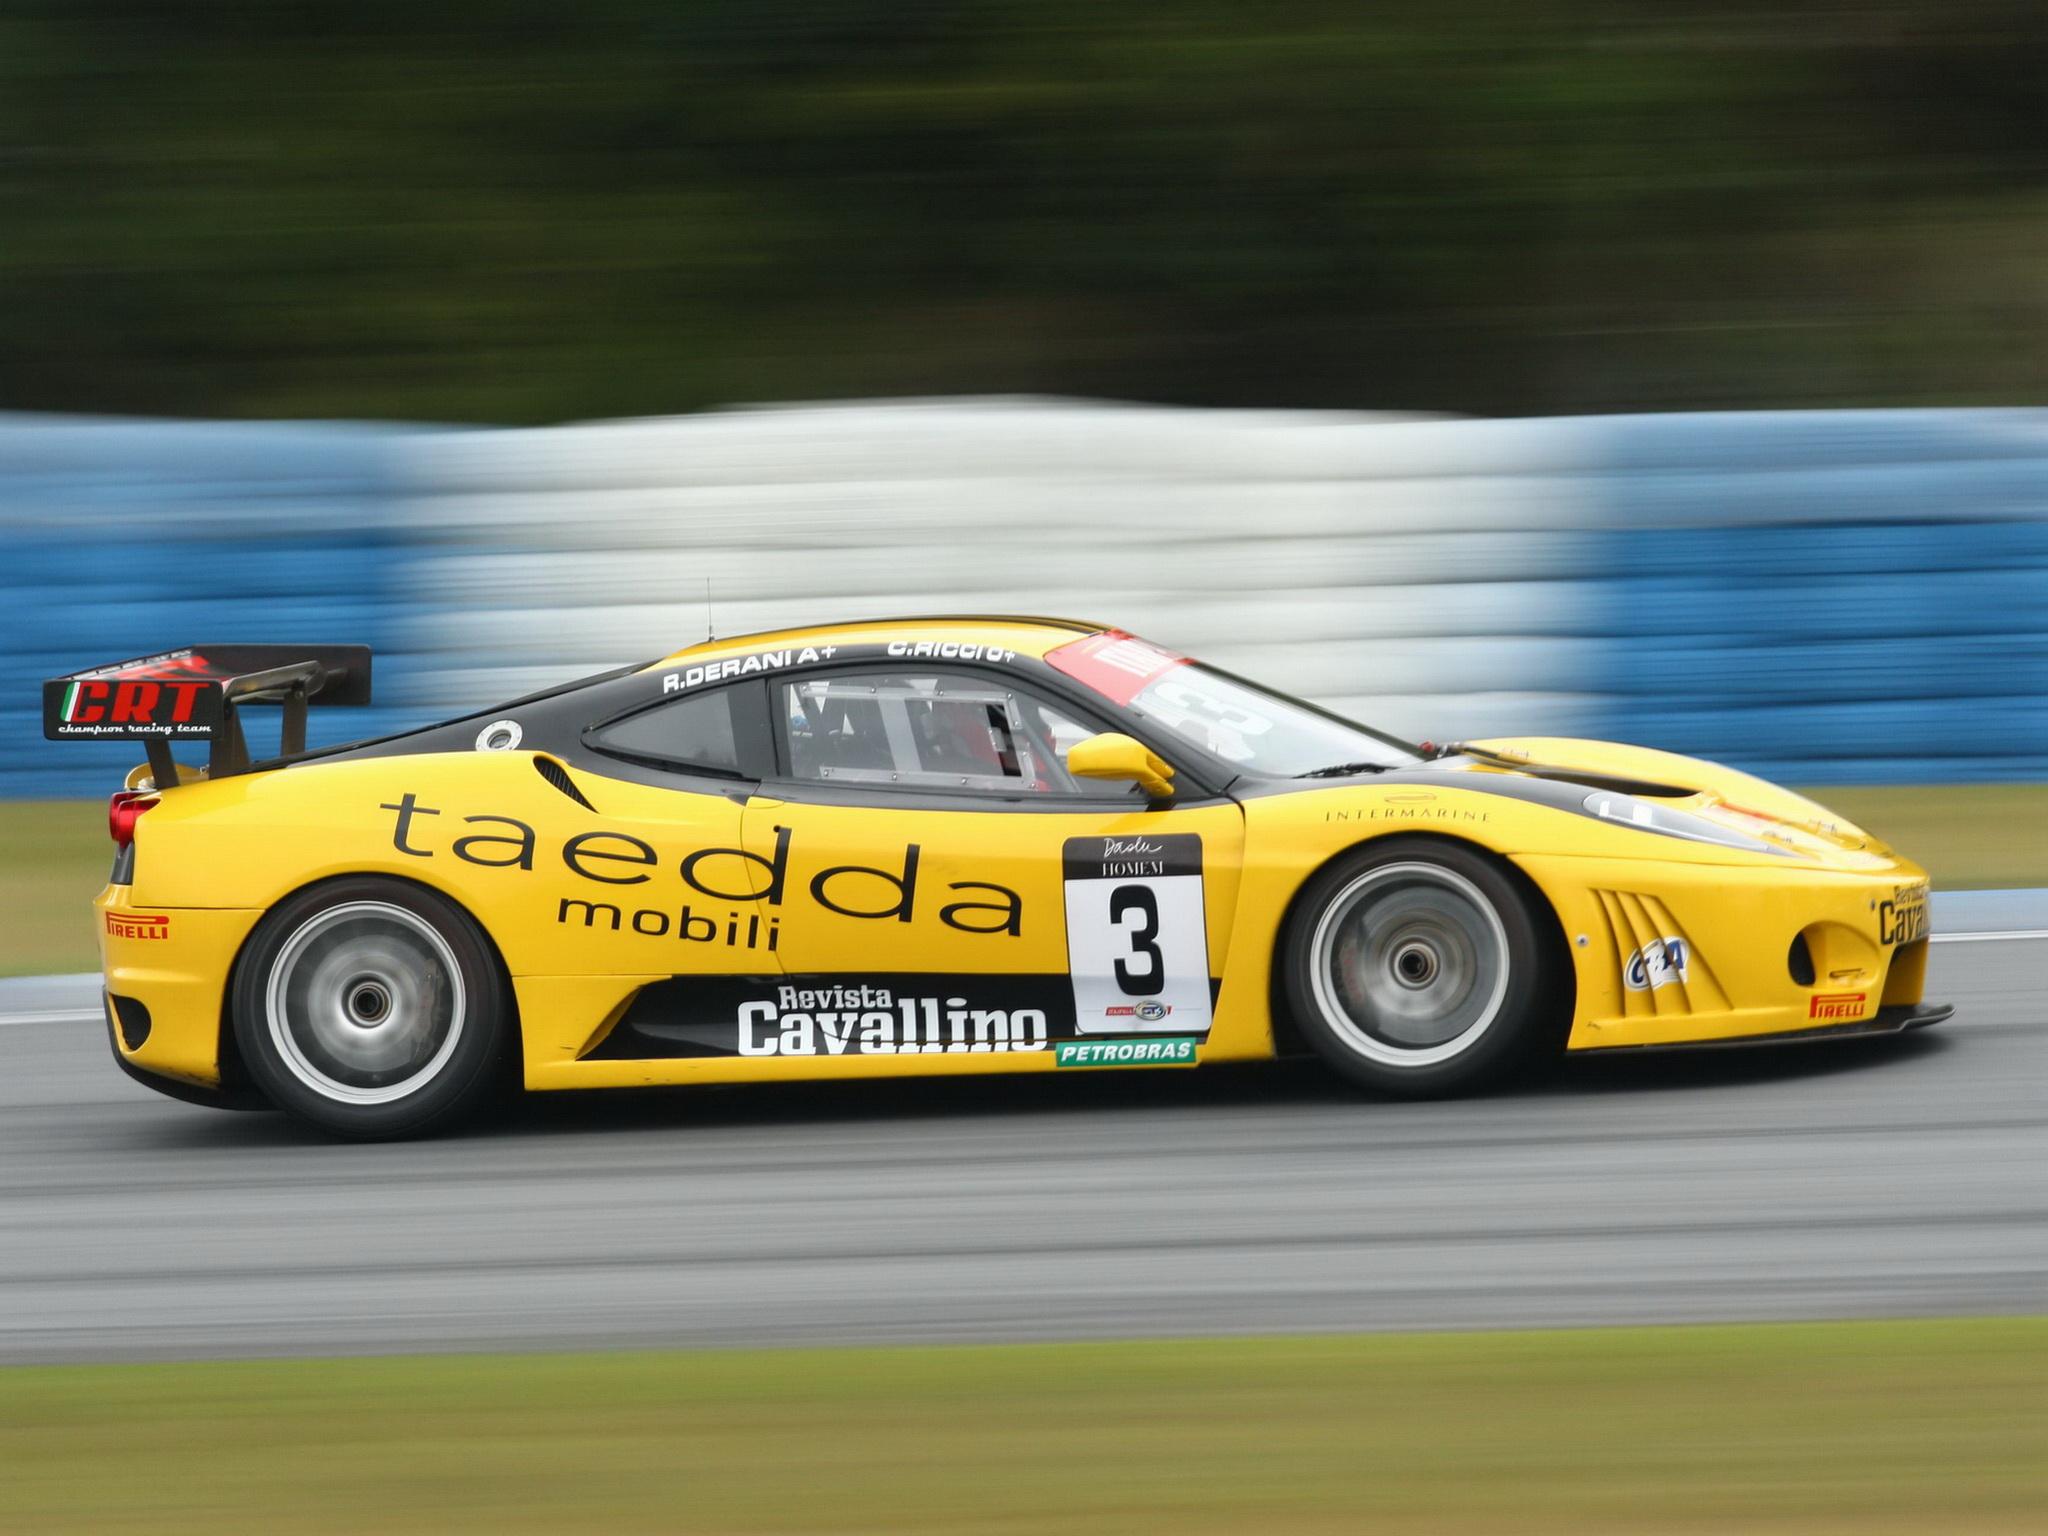 Ferrari F430 G-T - 2048x1536